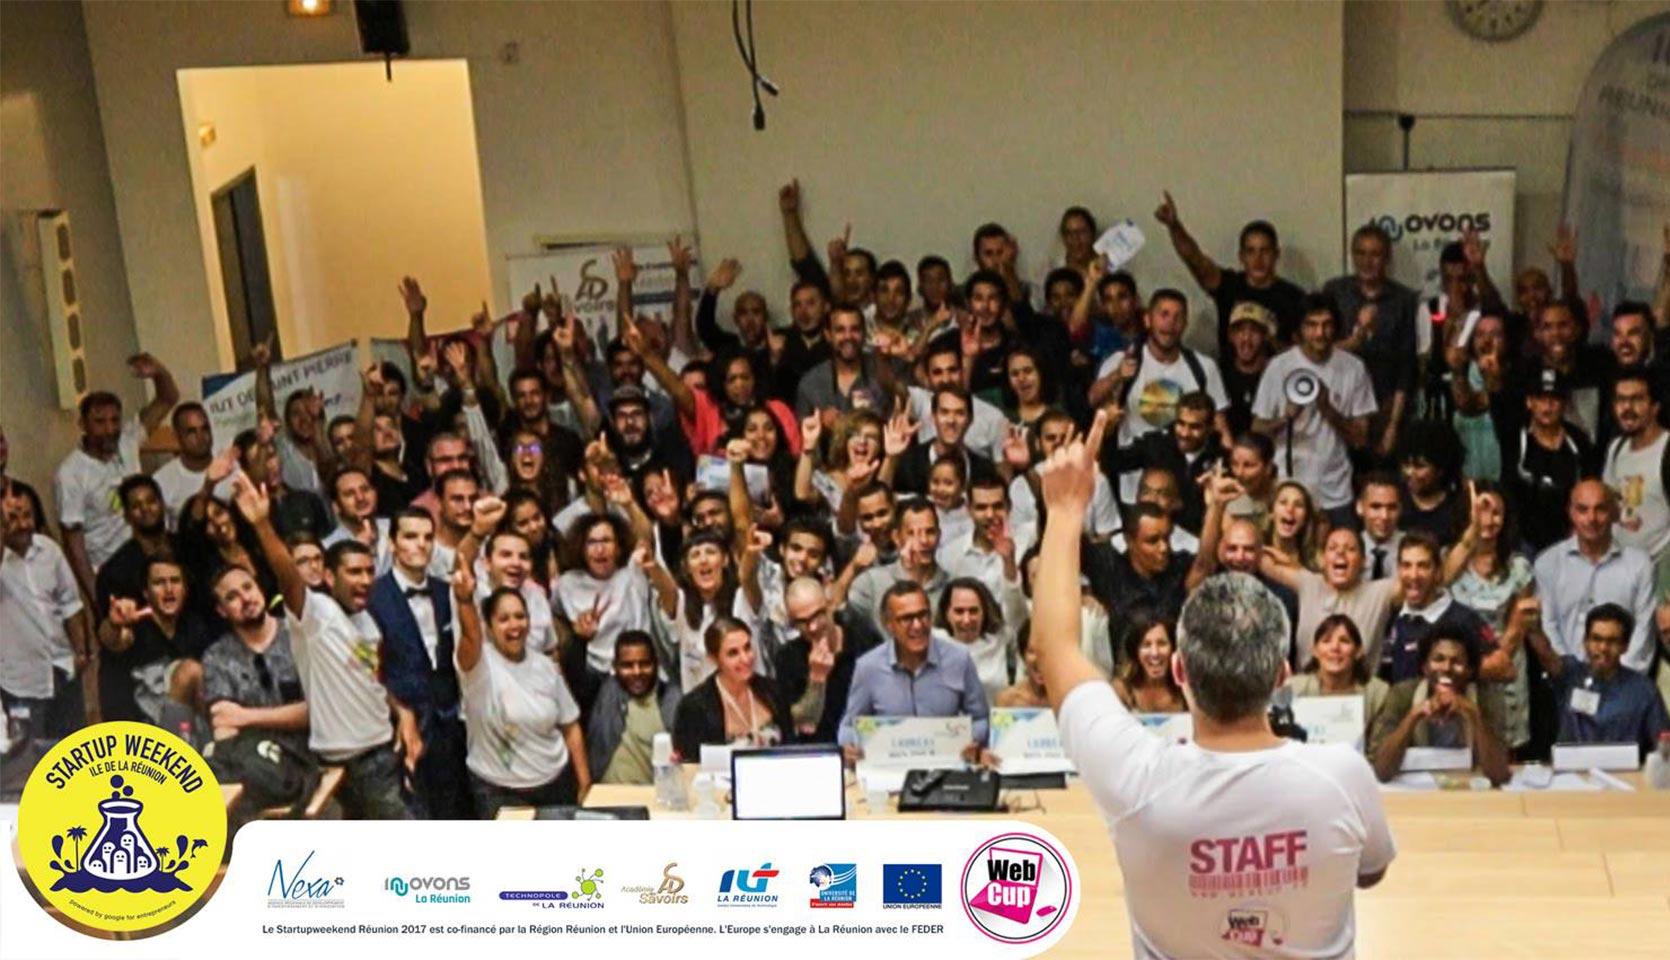 L'association WebCup, une aventure numérique entrepreneuriale